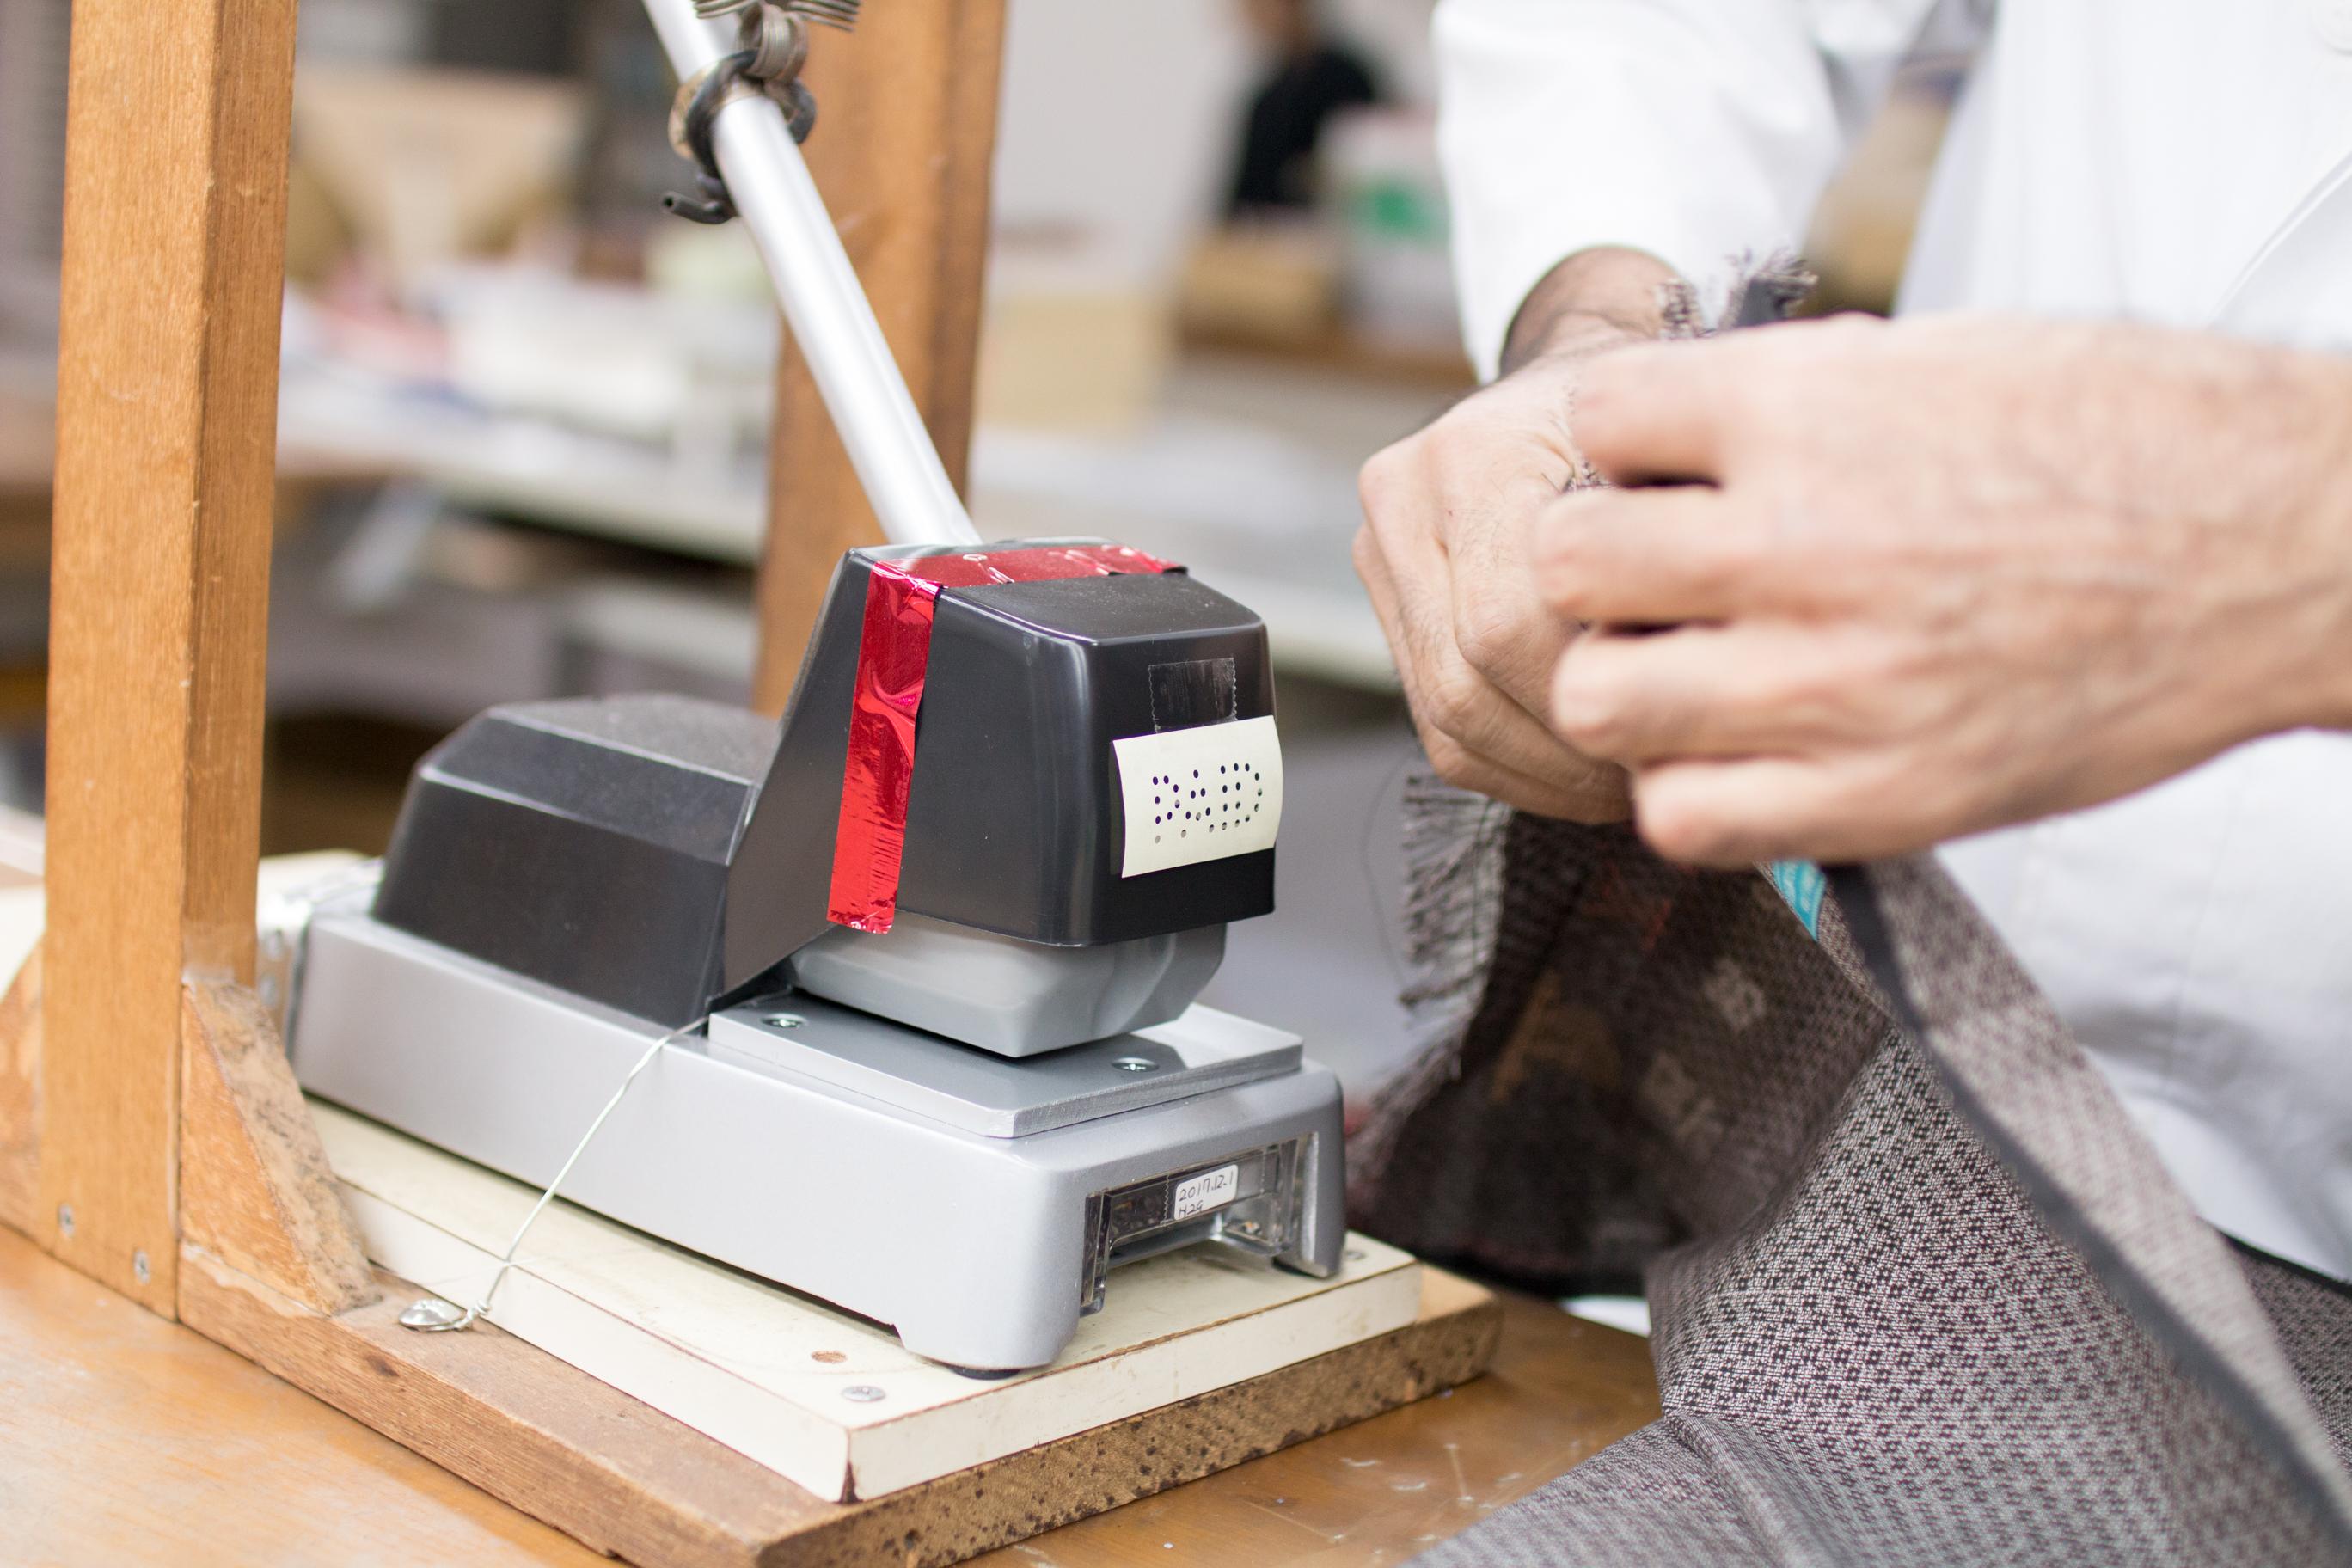 大島紬完成品の最終確認後に貼られるシール